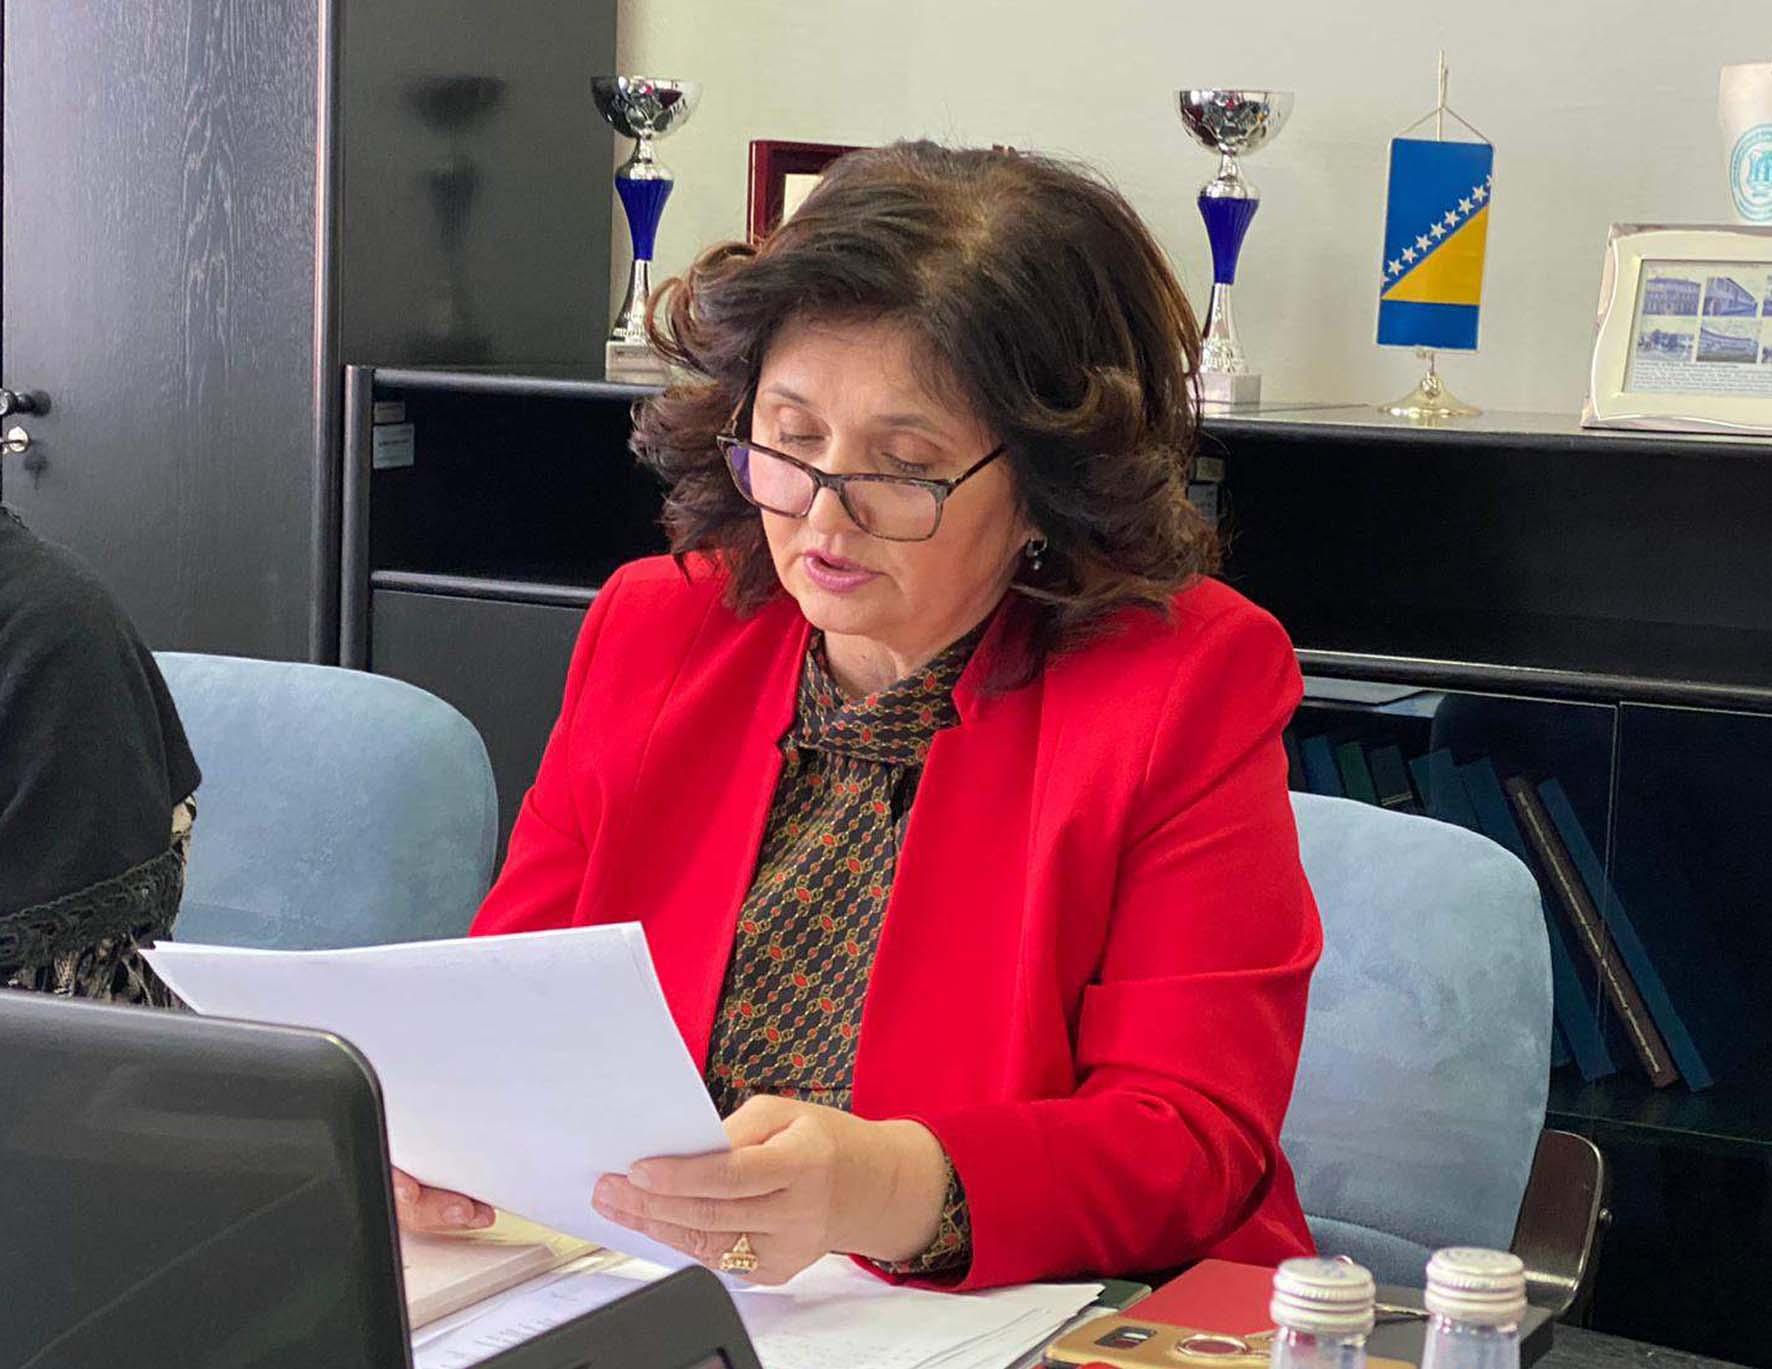 Rektorska konferencija / Rektorski zbor Bosne i Hercegovine u Bihaću